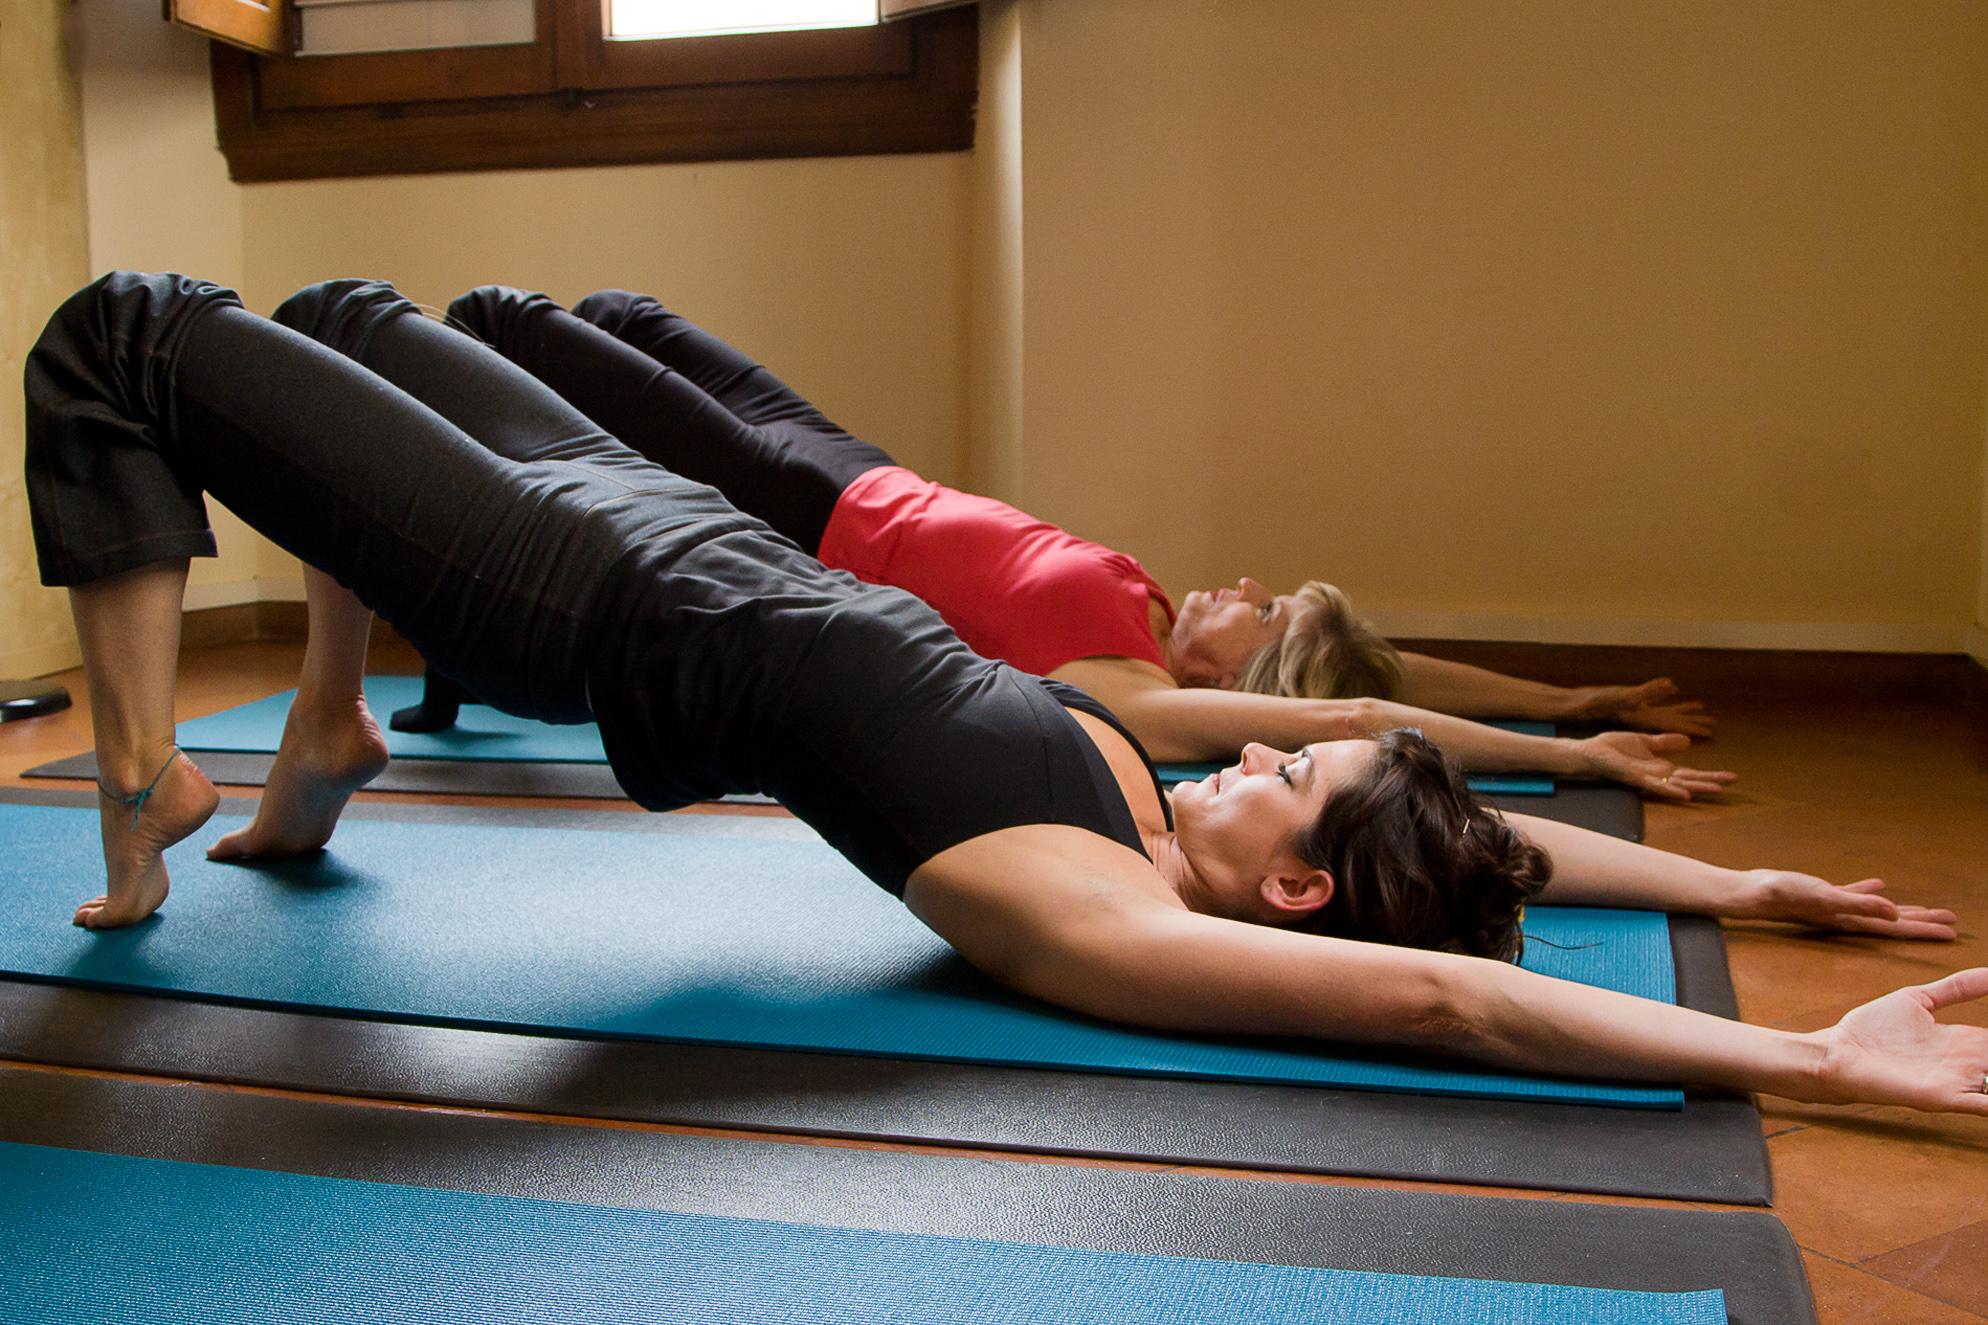 脊椎屈曲エクササイズと背部疾患